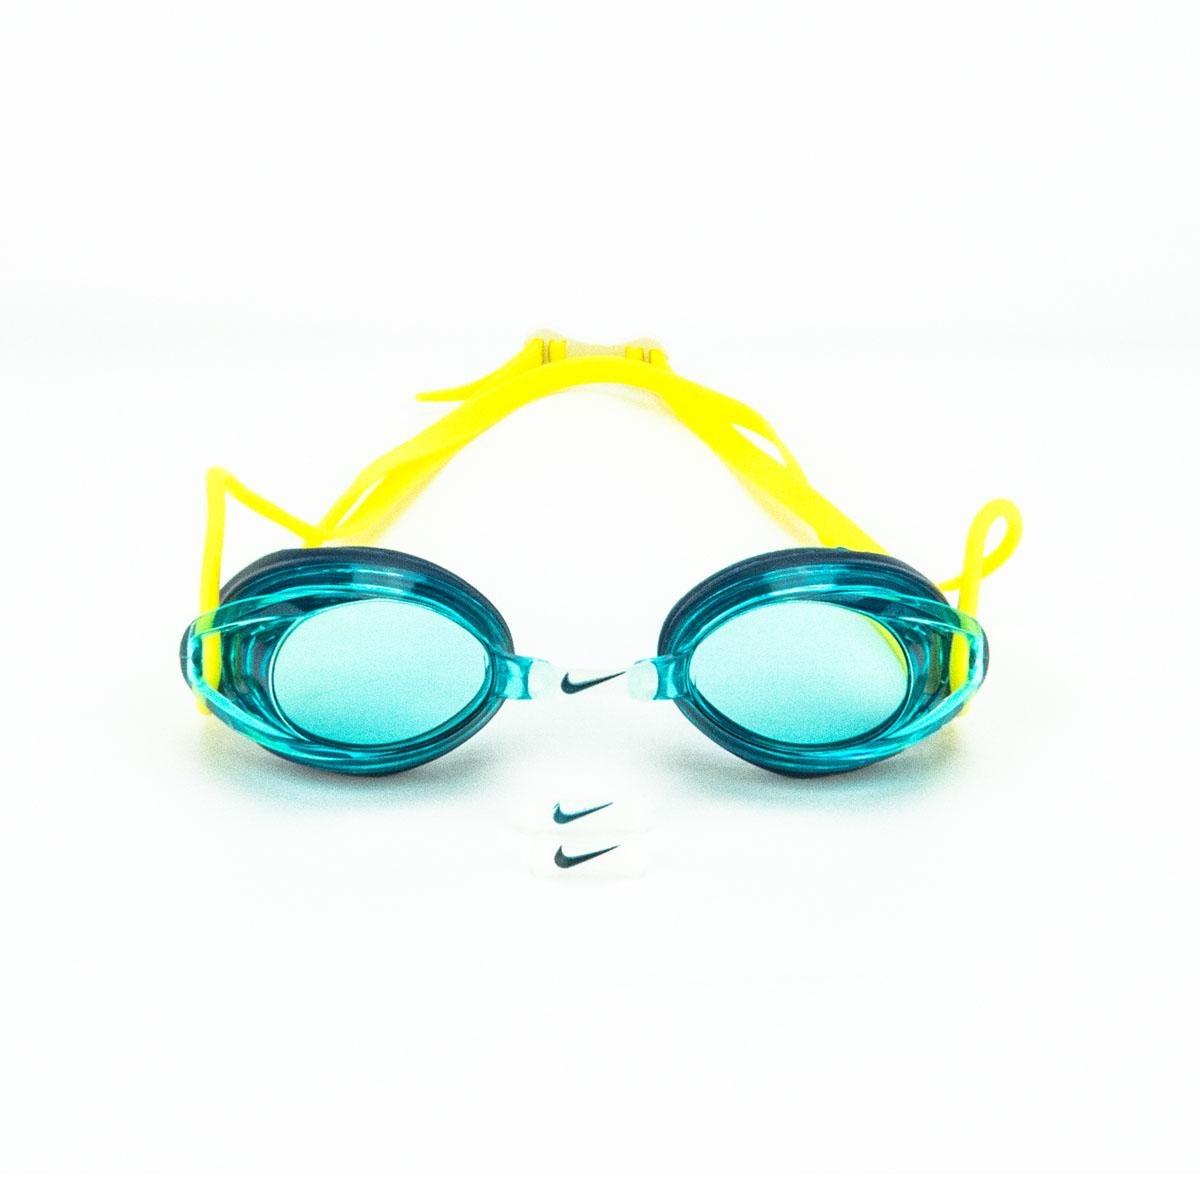 00c4f533a8f8f Óculos De Natação Nike Remora Am - Medinas - R  132,91 em Mercado Livre